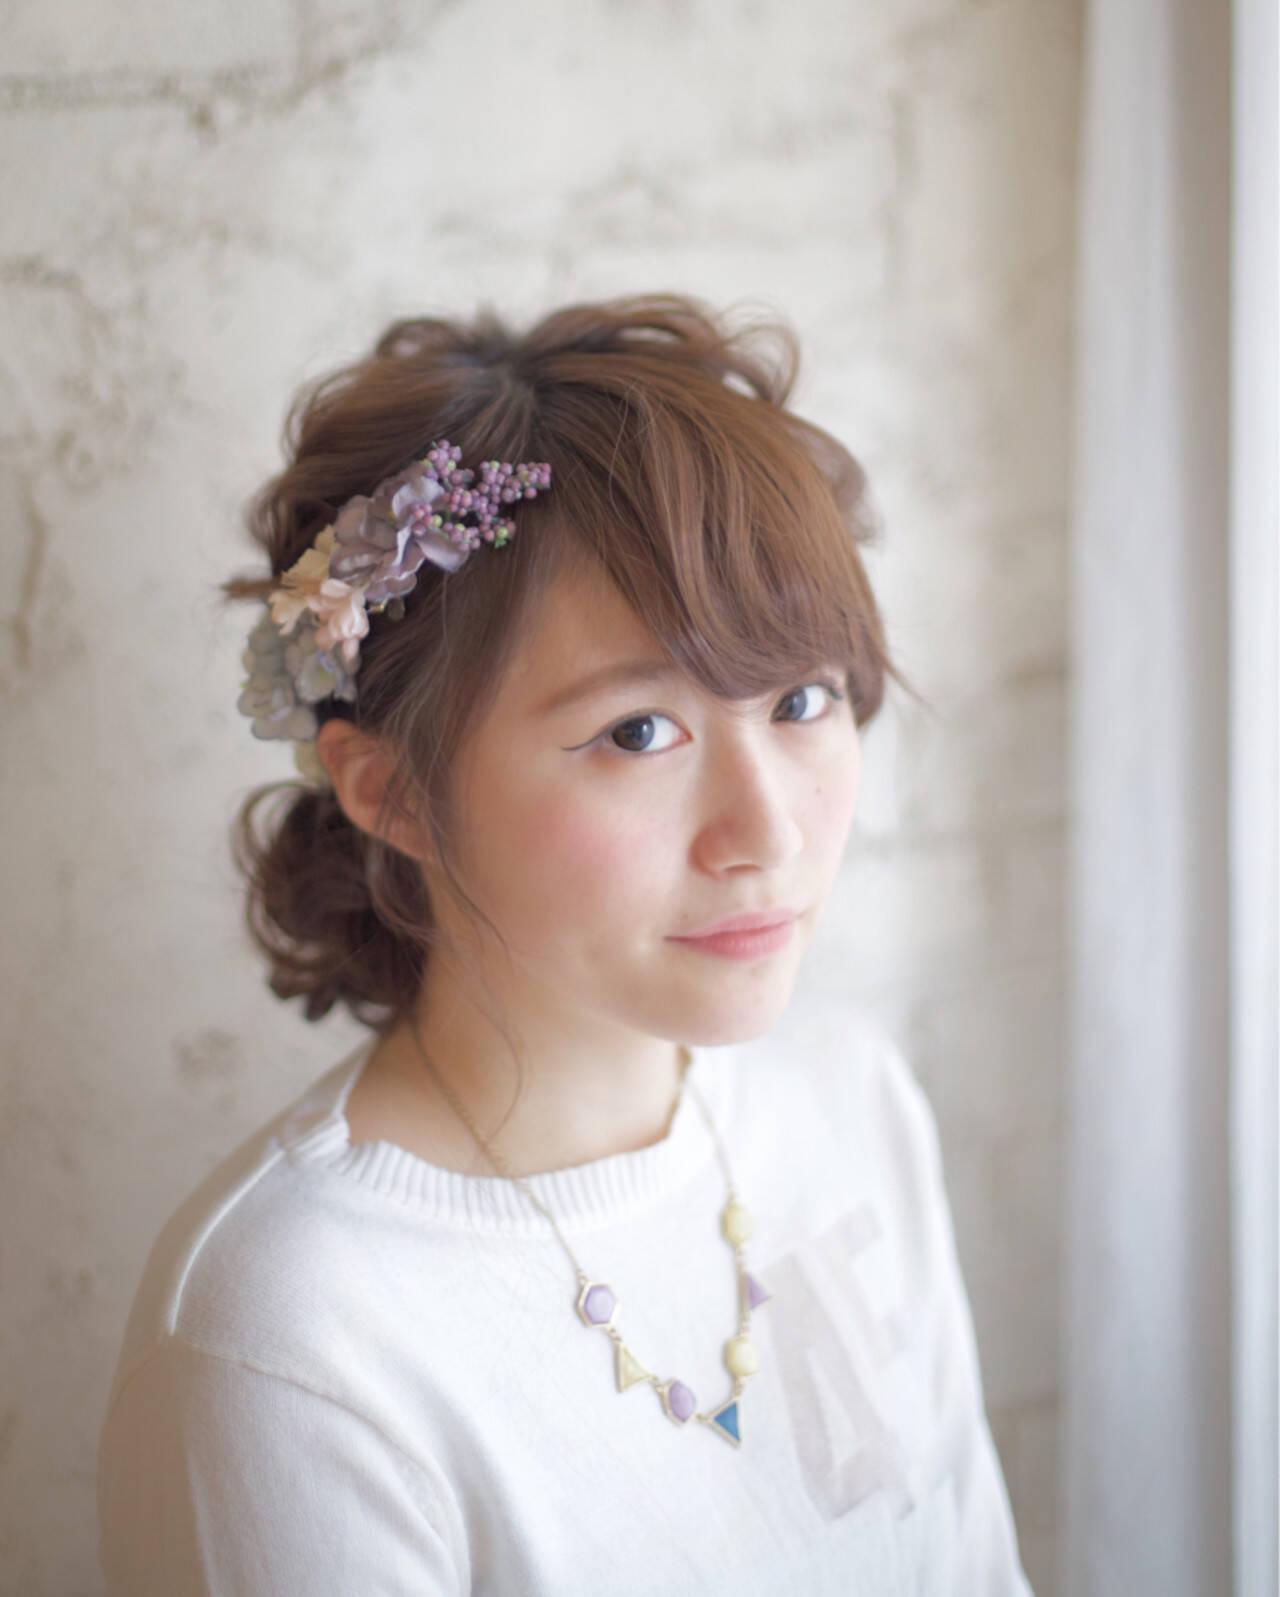 ショート セミロング 大人かわいい 簡単ヘアアレンジヘアスタイルや髪型の写真・画像